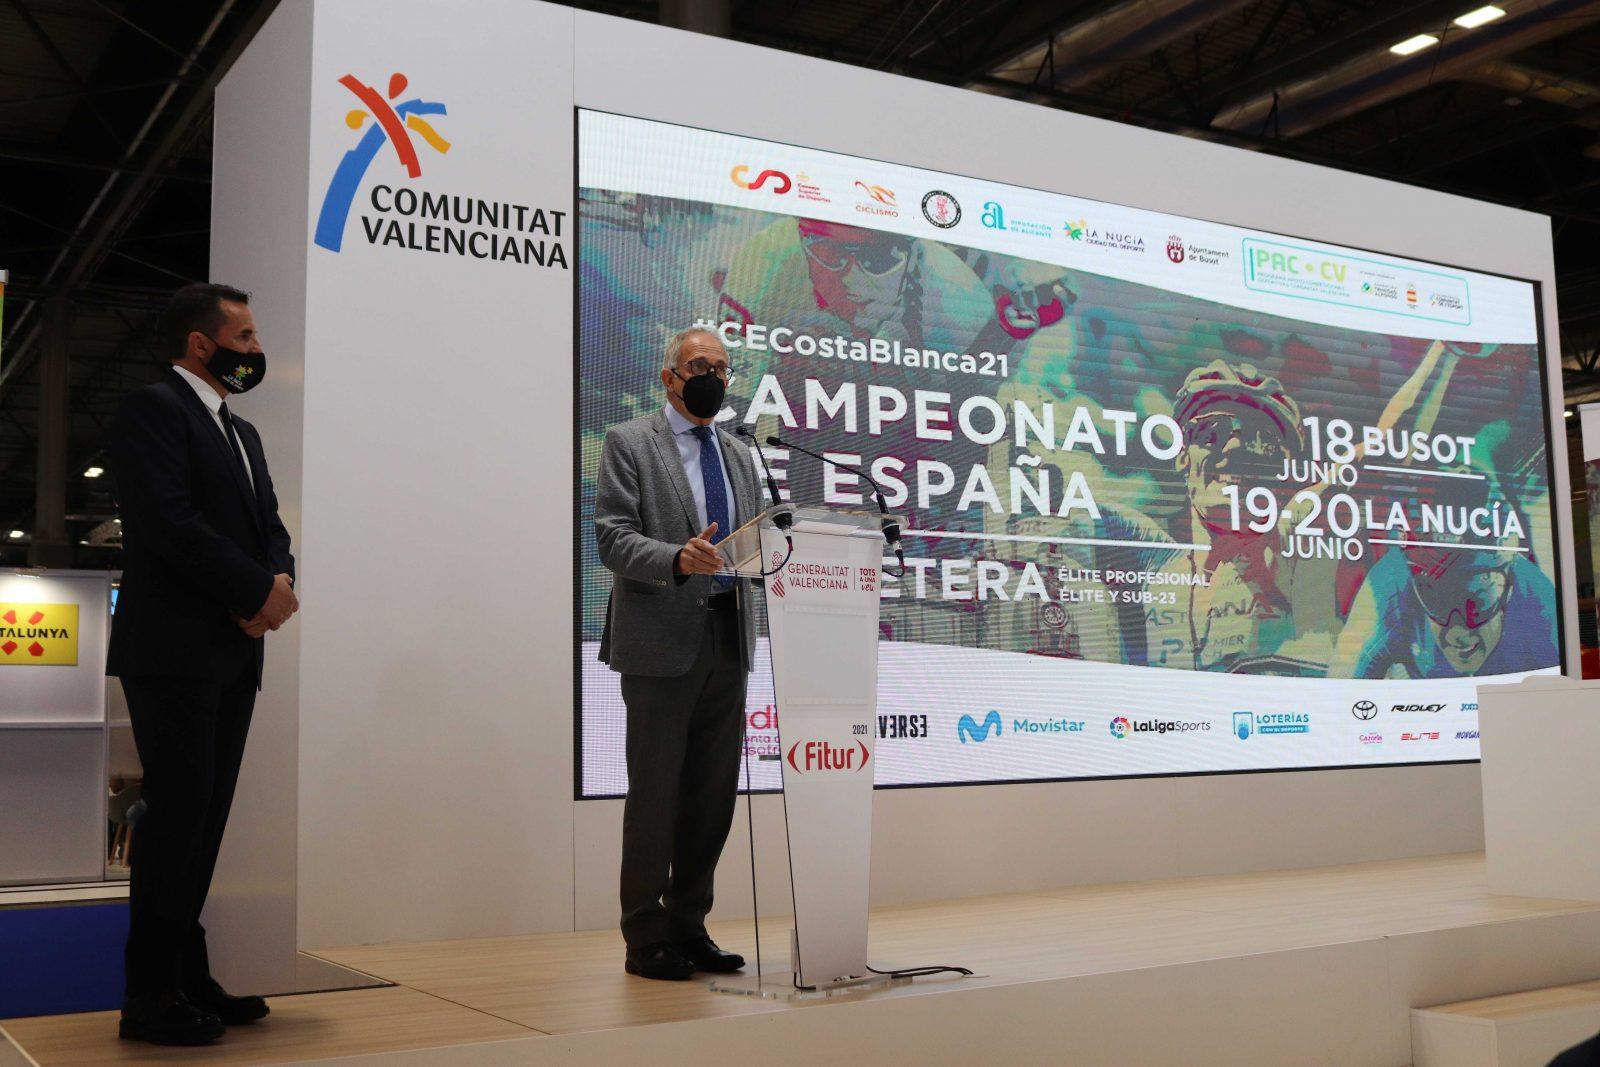 Campeonato de España ruta 2021